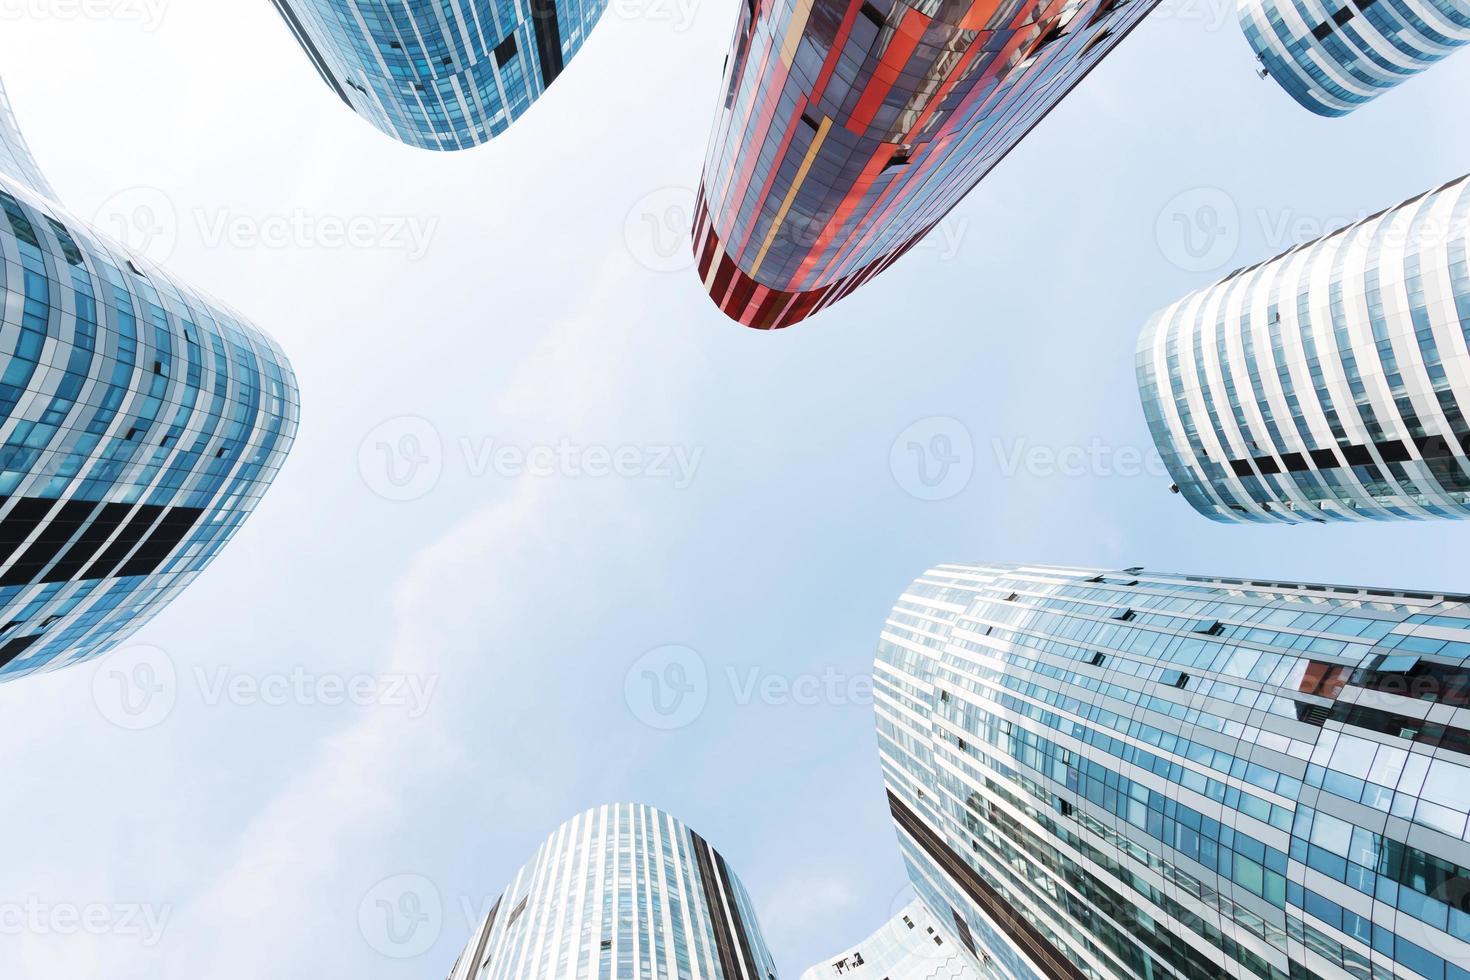 à la recherche de l'extérieur de l'immeuble de bureaux d'affaires moderne et du ciel photo